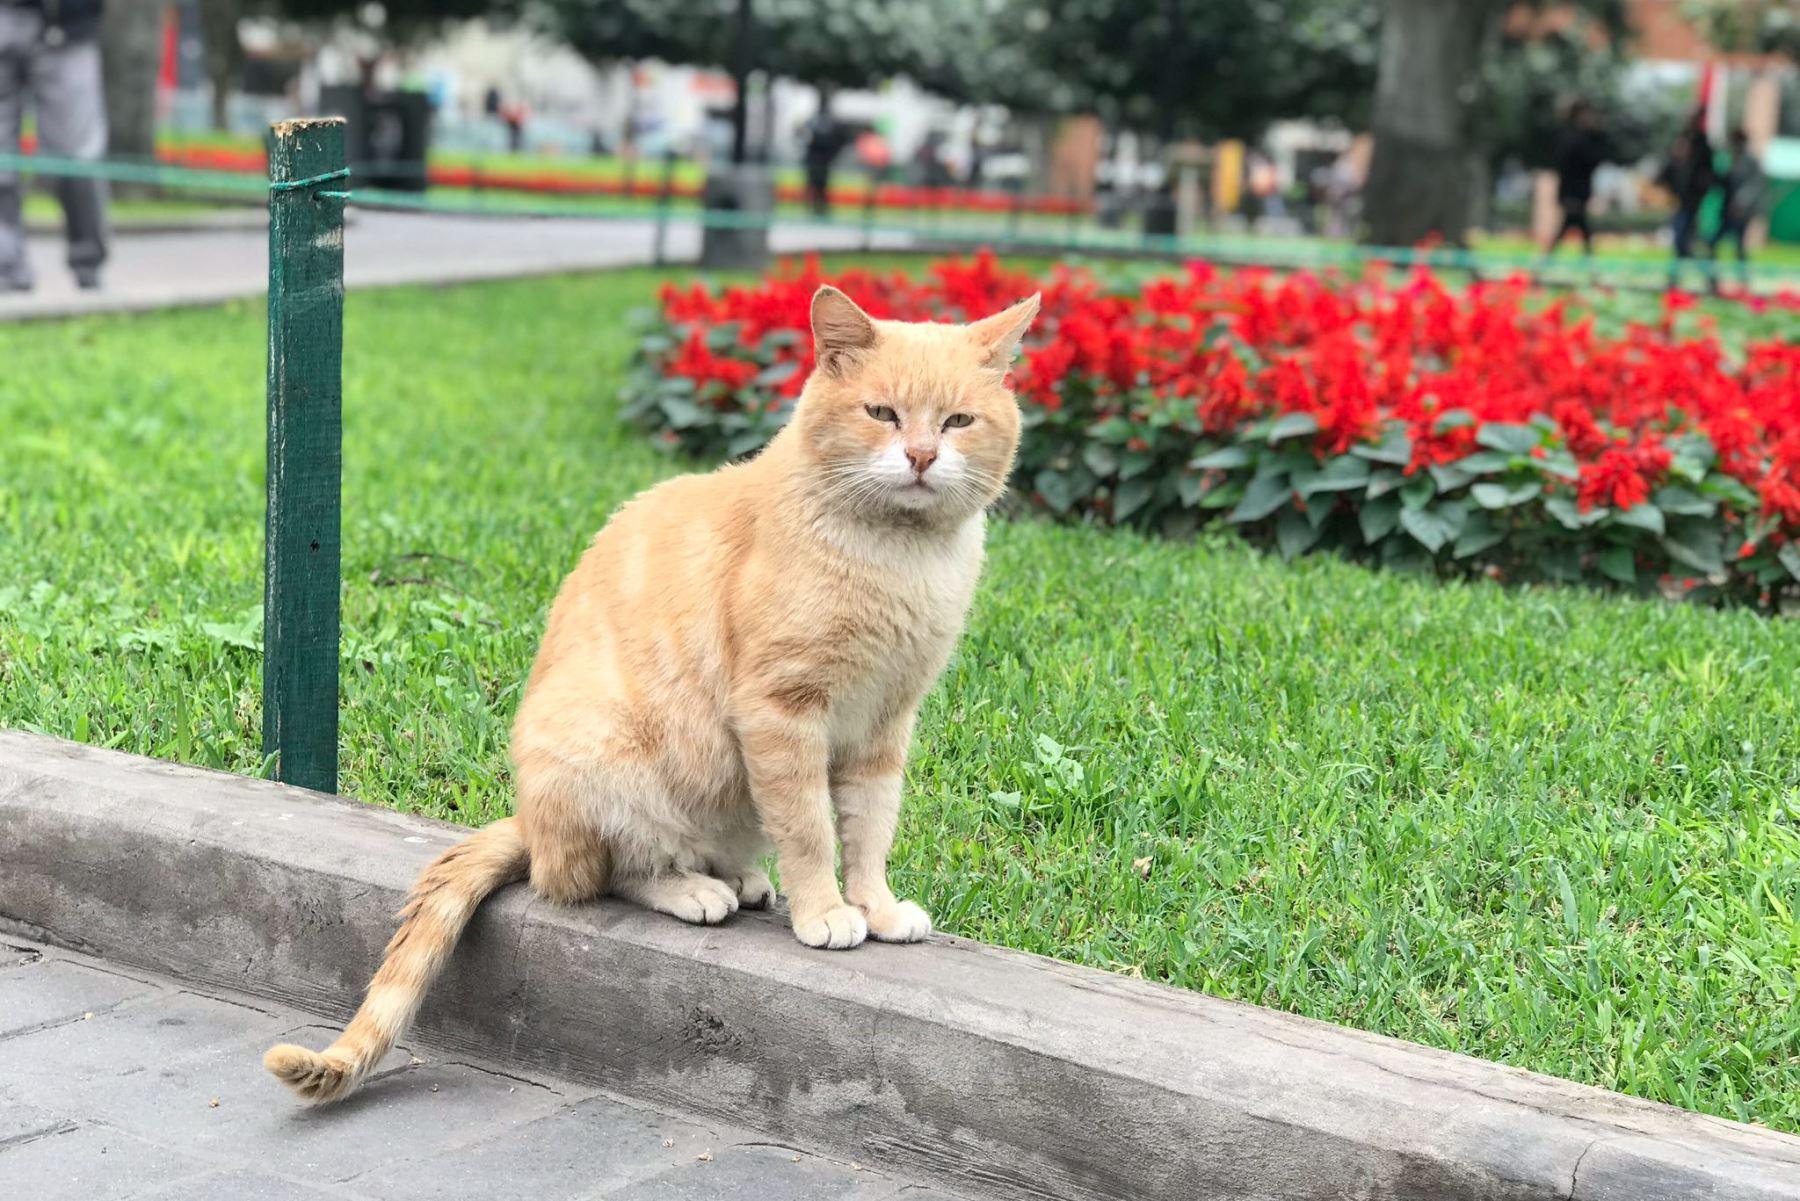 Gato del Parque Central de Miraflores. Foto: Priscila Cárdenas @ctrl_alt_suprim